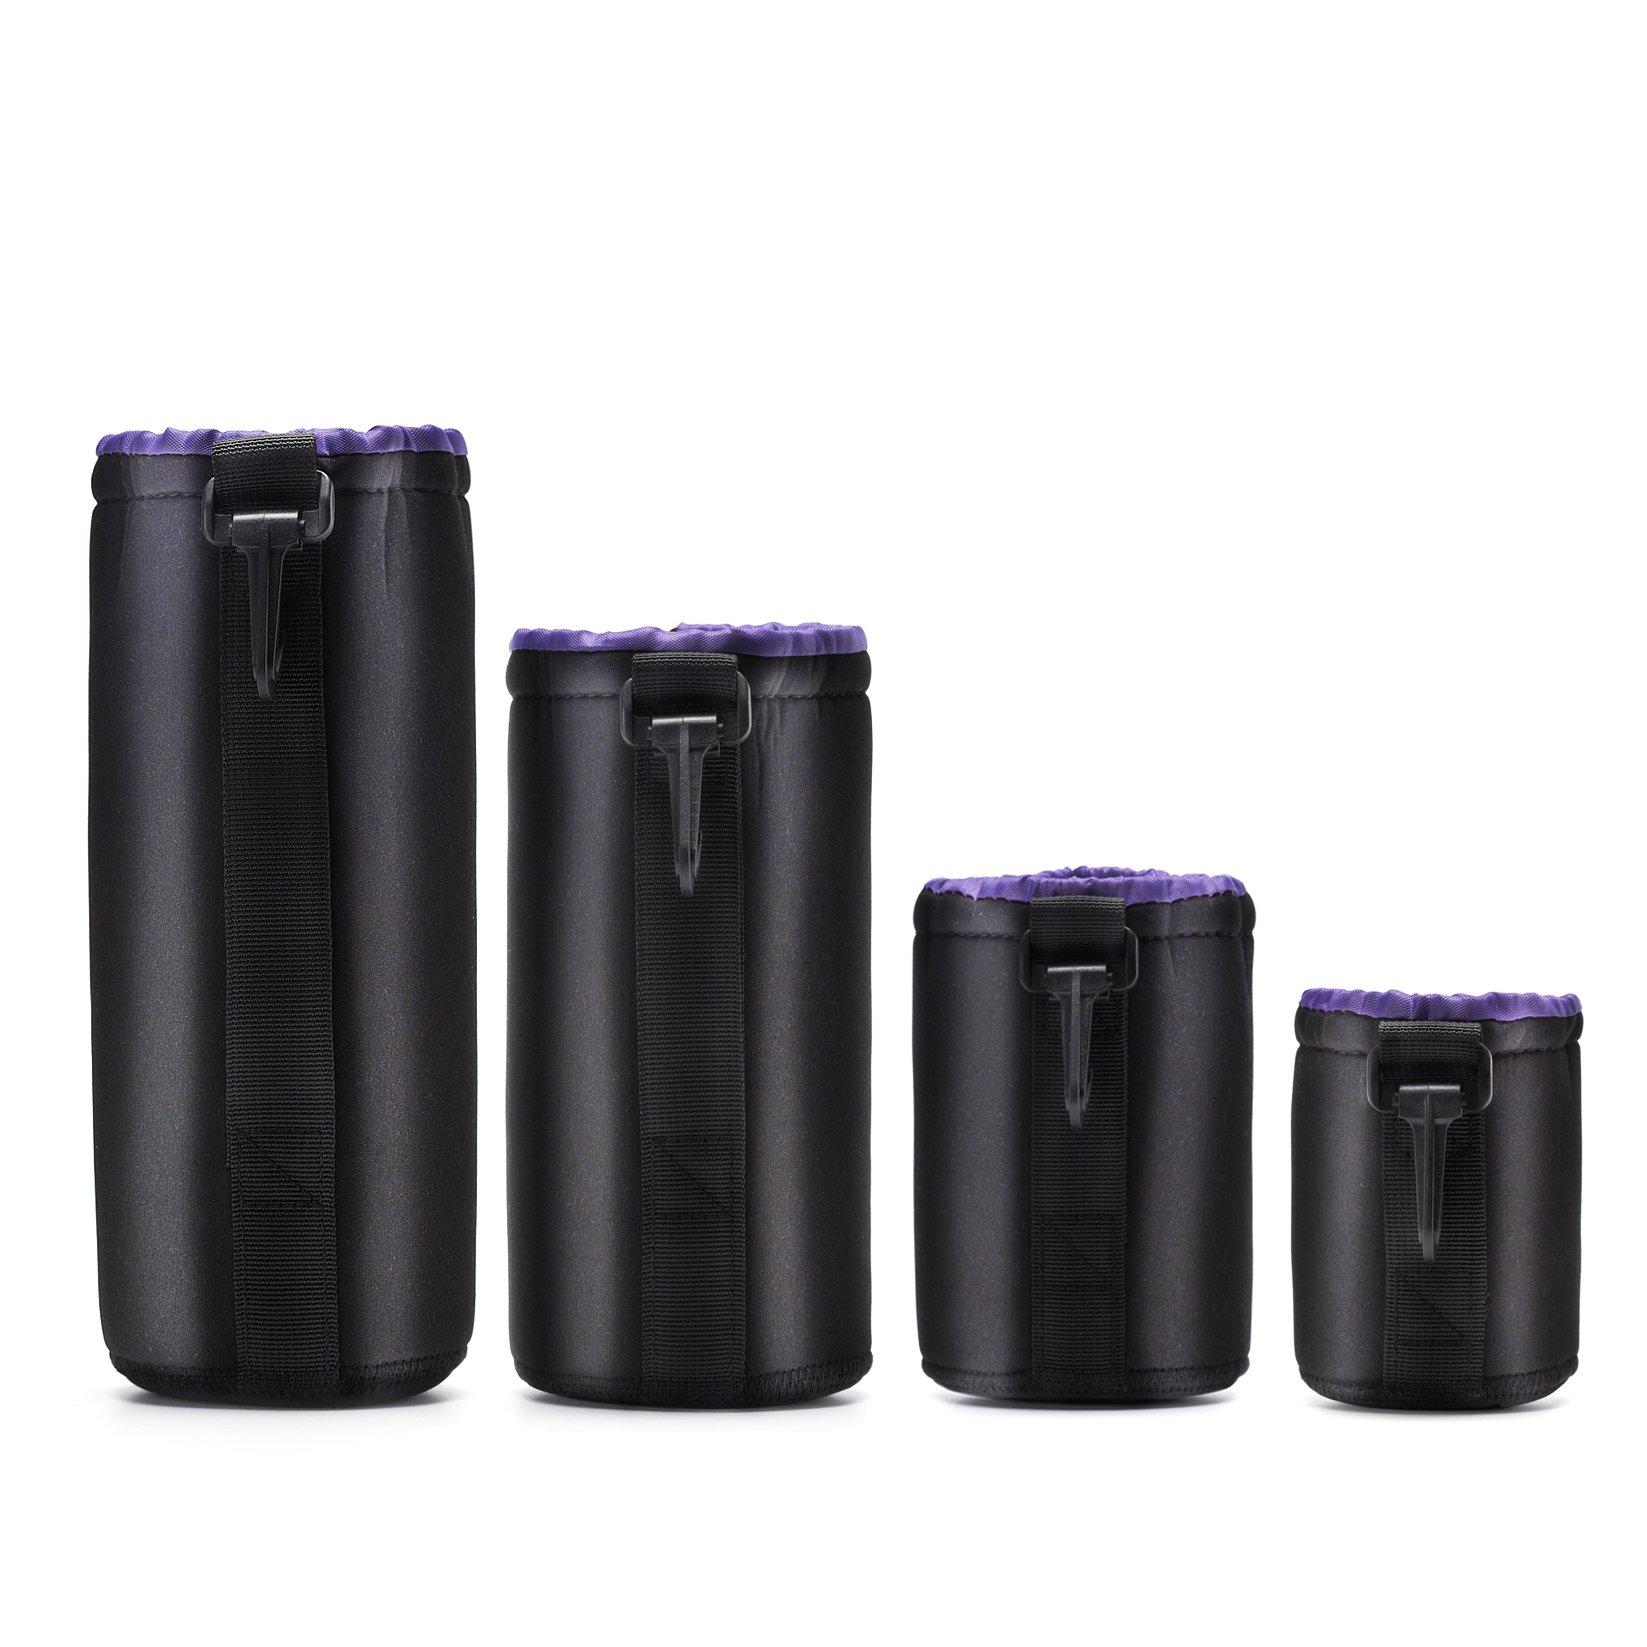 ピコゾンデジタル一眼レフカメラレンズ(カノム、ニコン、ソニー、ペンタックス、オリンパス、パナソニックなど)厚い保護バッグカバー - を含む:小型、中型、大型および特大のバッグ